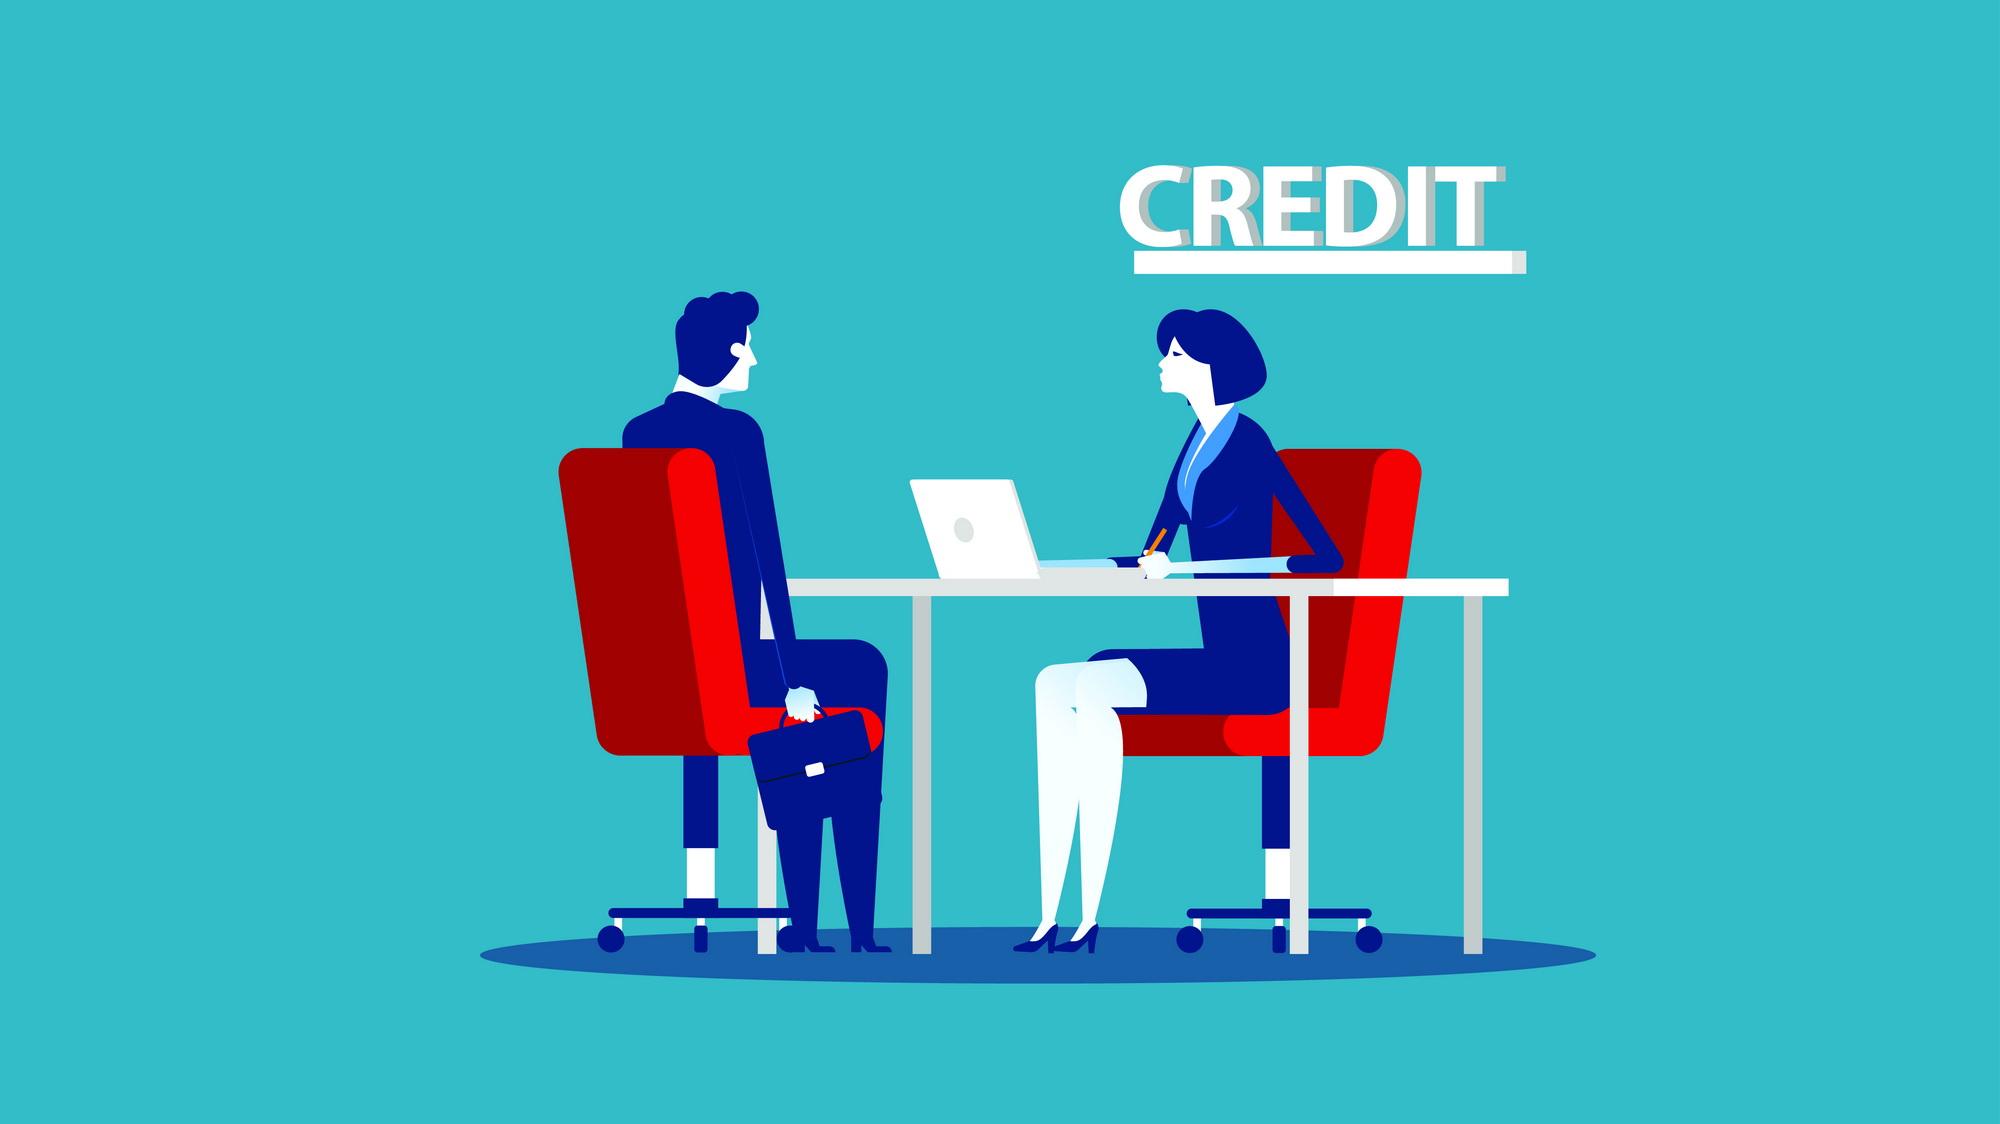 банки дающие кредит по паспорту и снилс